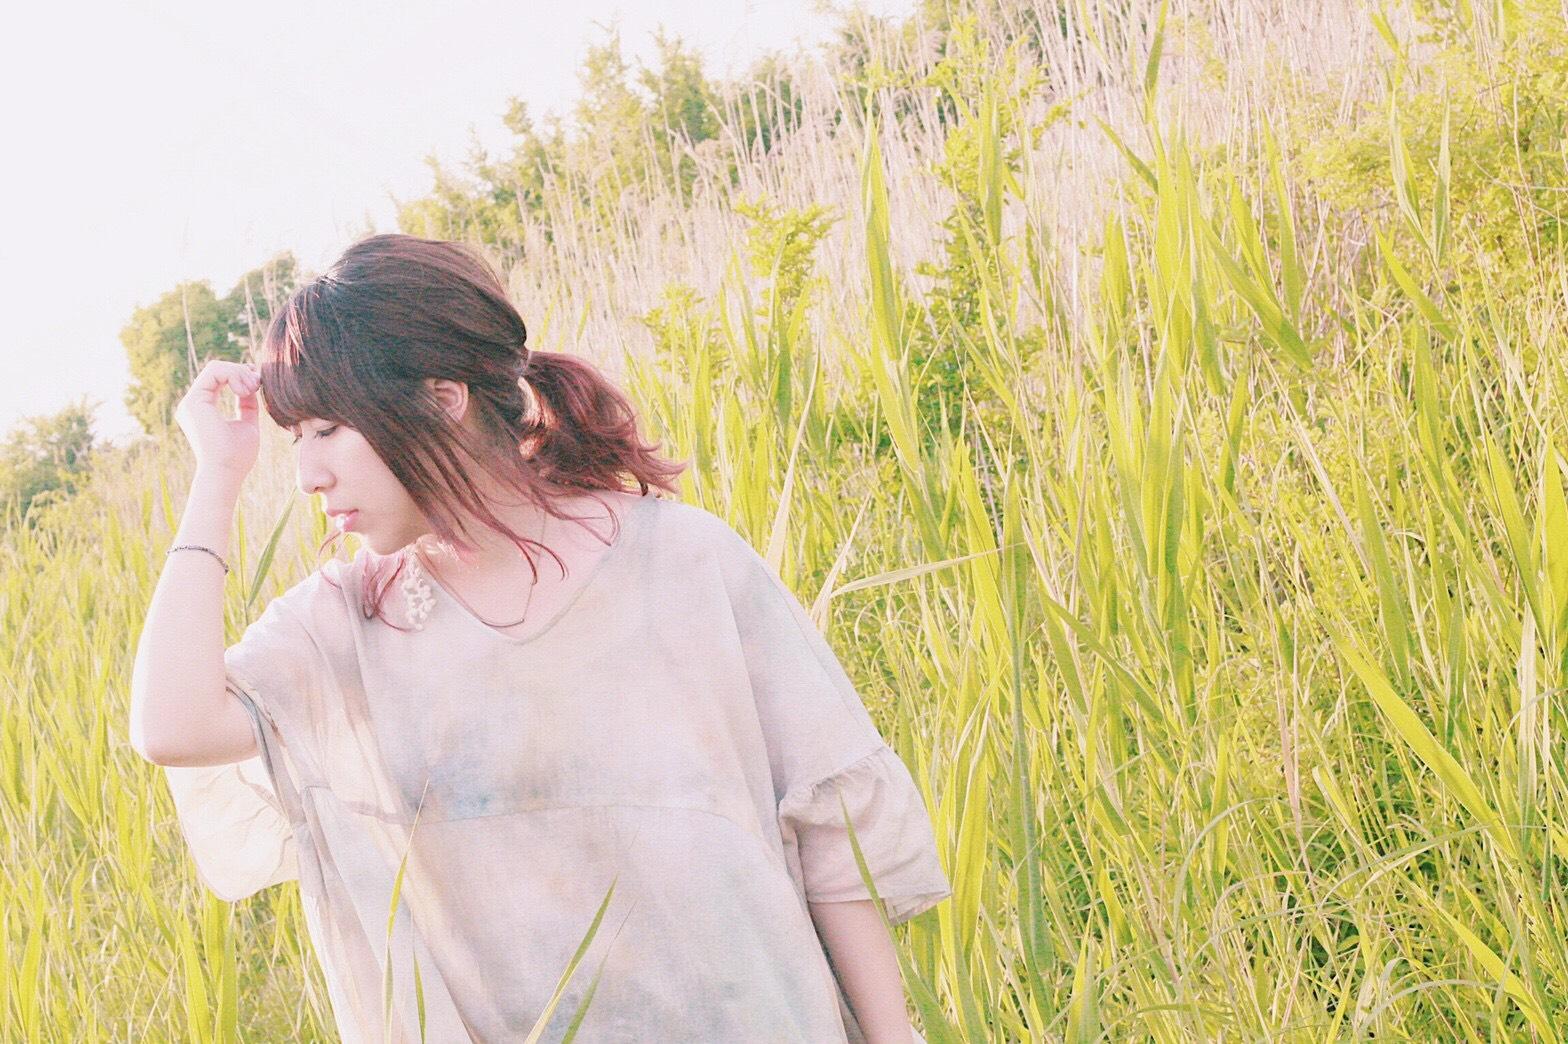 airlie 1st mini ALBUM「UTSUTSU」 リリース企画 〜現で君と逢えたなら〜東京編